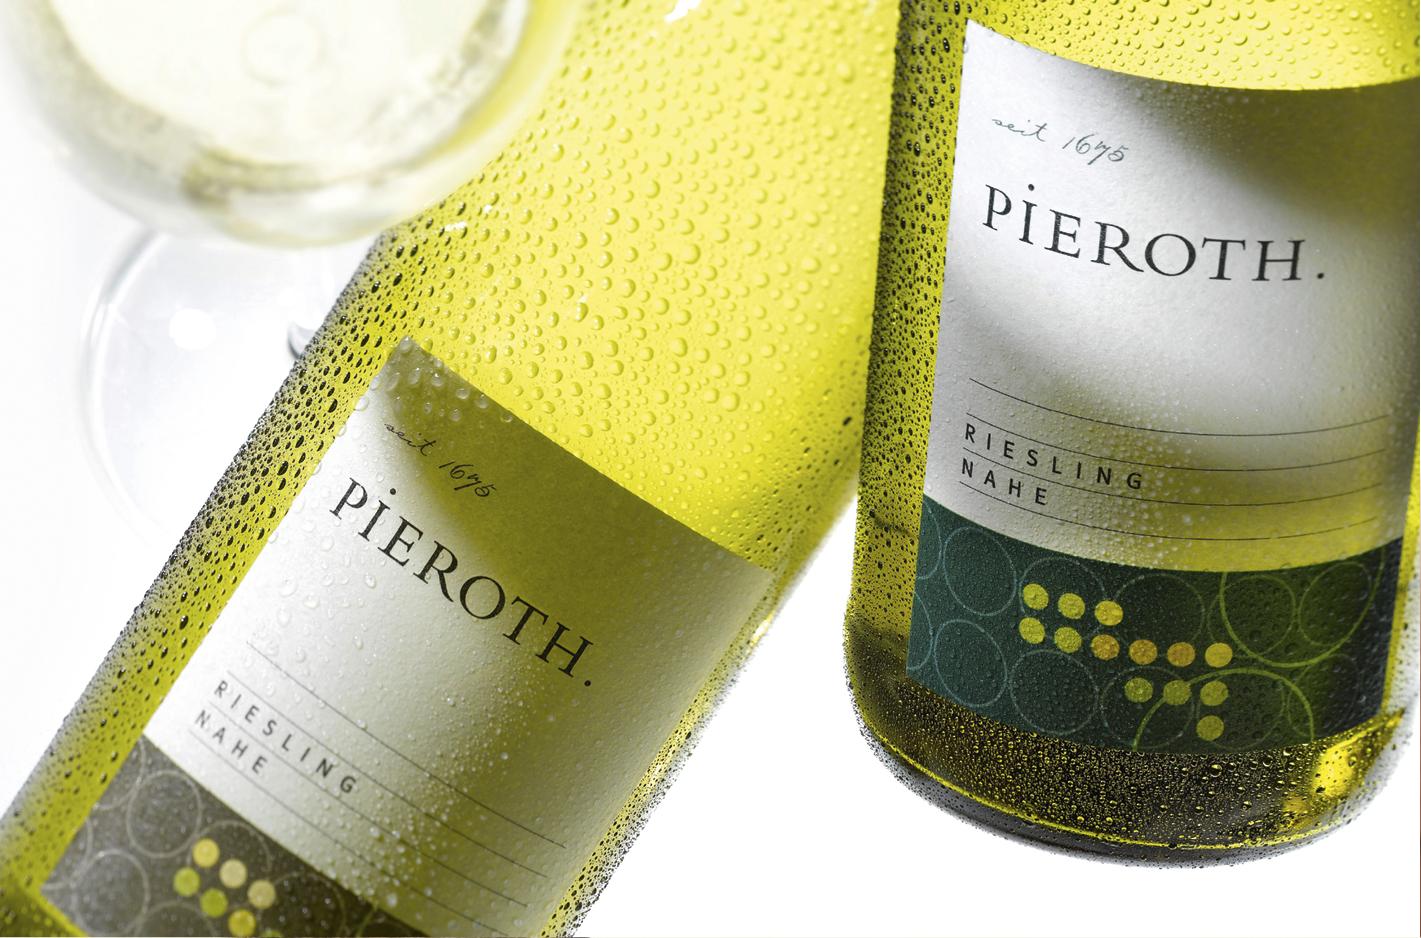 Pieroth AG – Marken Relaunch für das Familienweingut